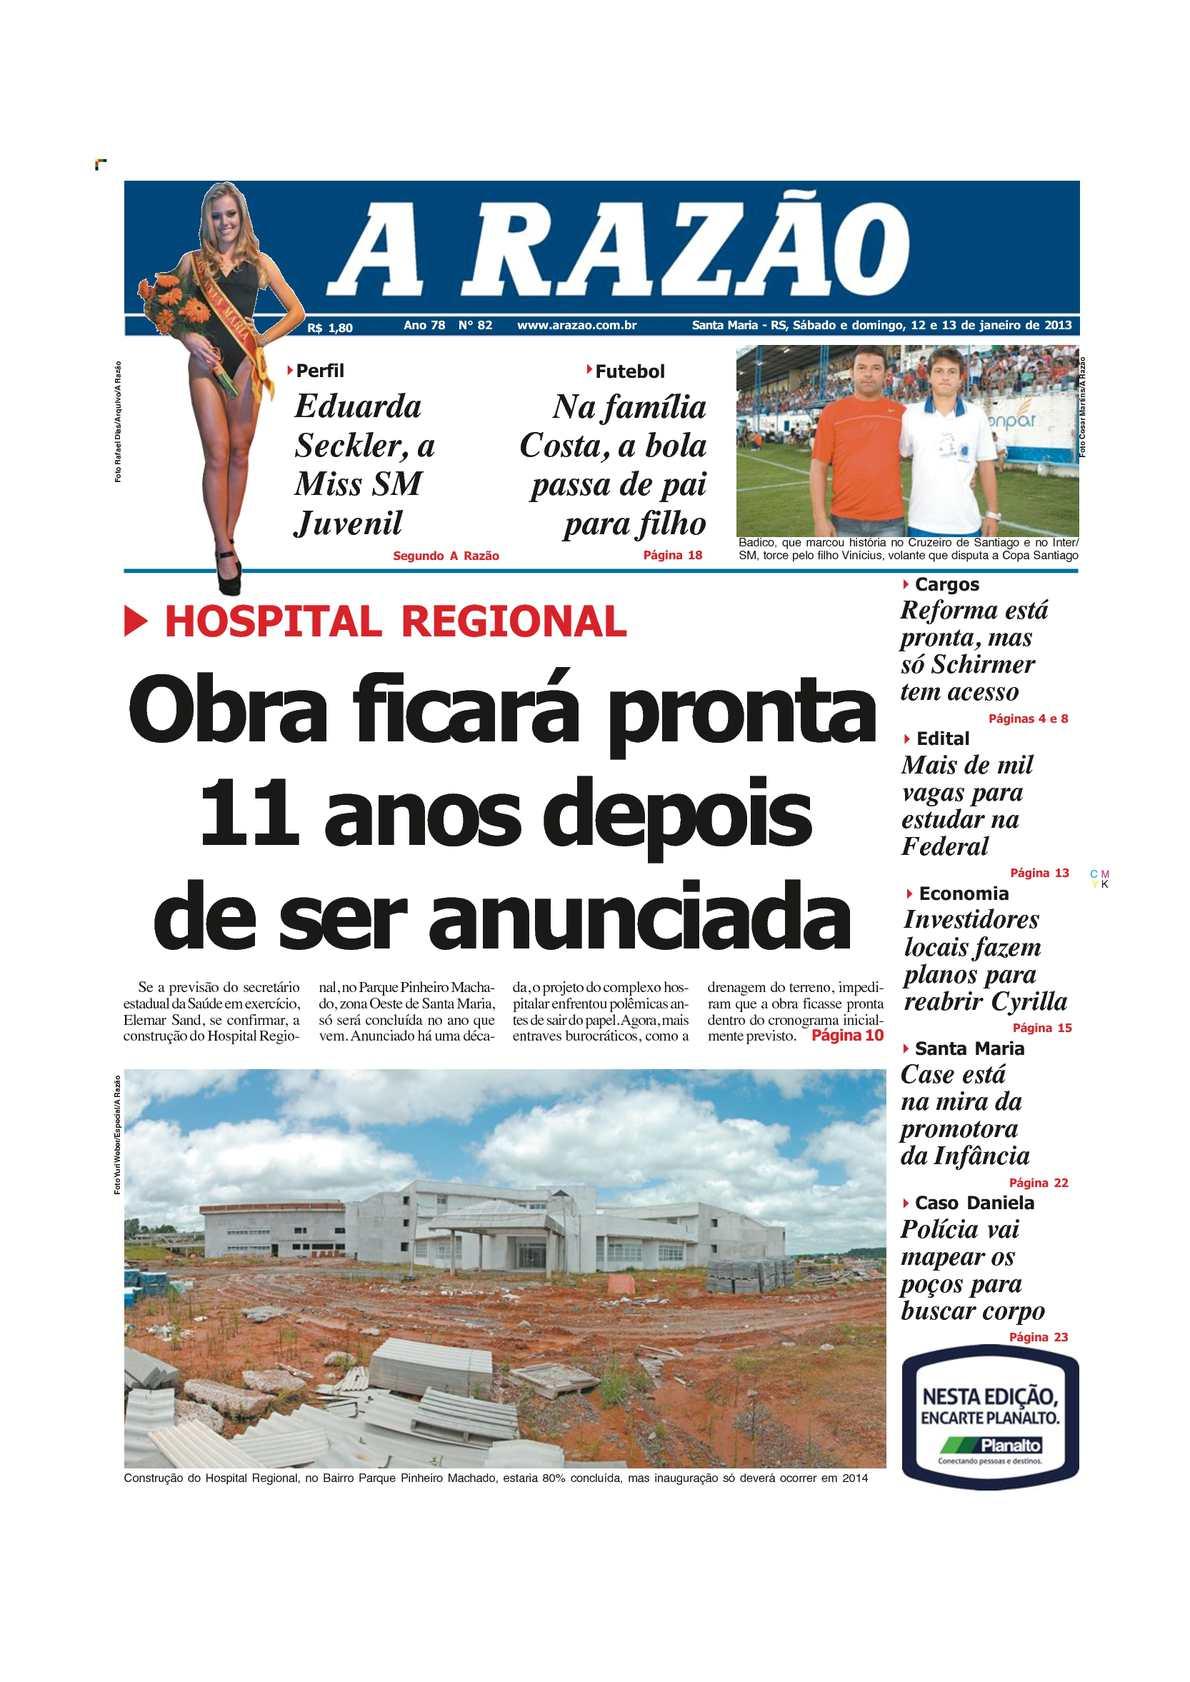 Calaméo - Jornal A Razão - Santa Maria - 12 e 13 de janeiro de 2013 7886e44c5d053